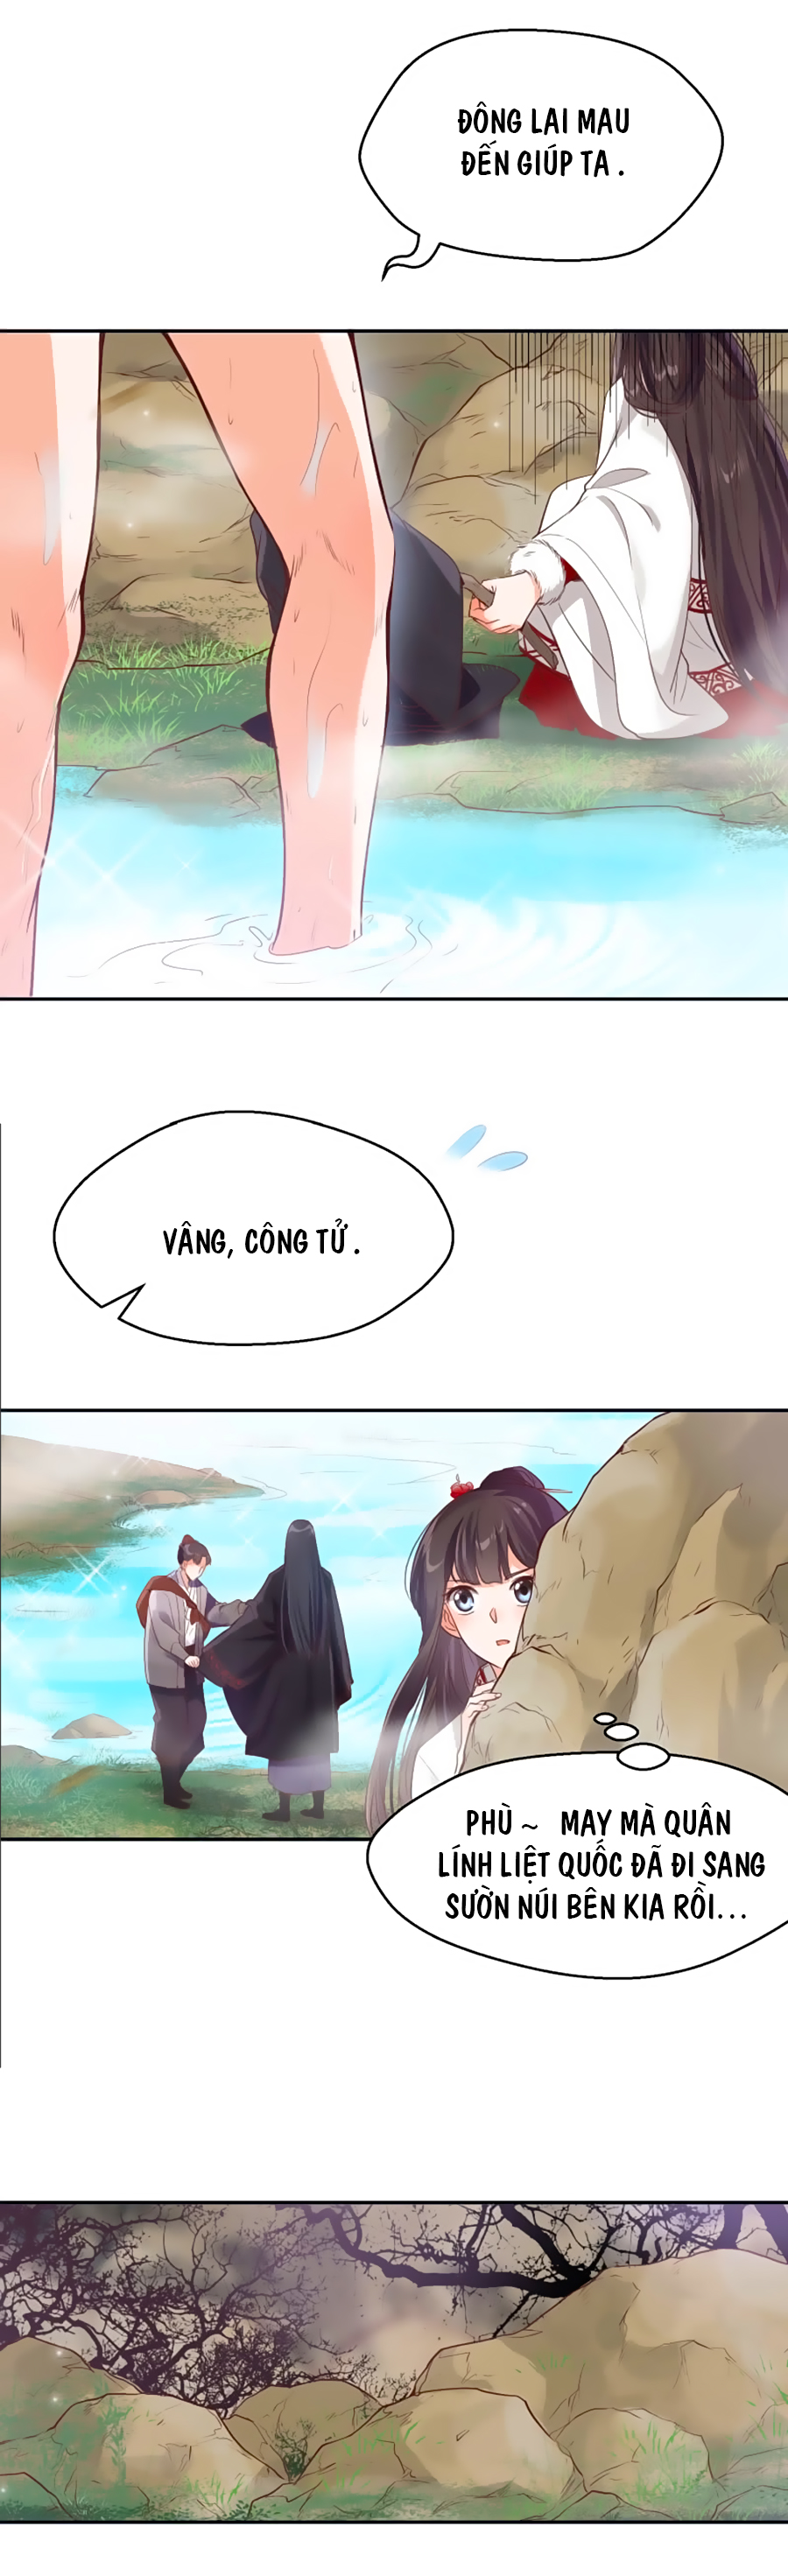 Phượng Khởi Hoa Tàng chap 6 - Trang 12